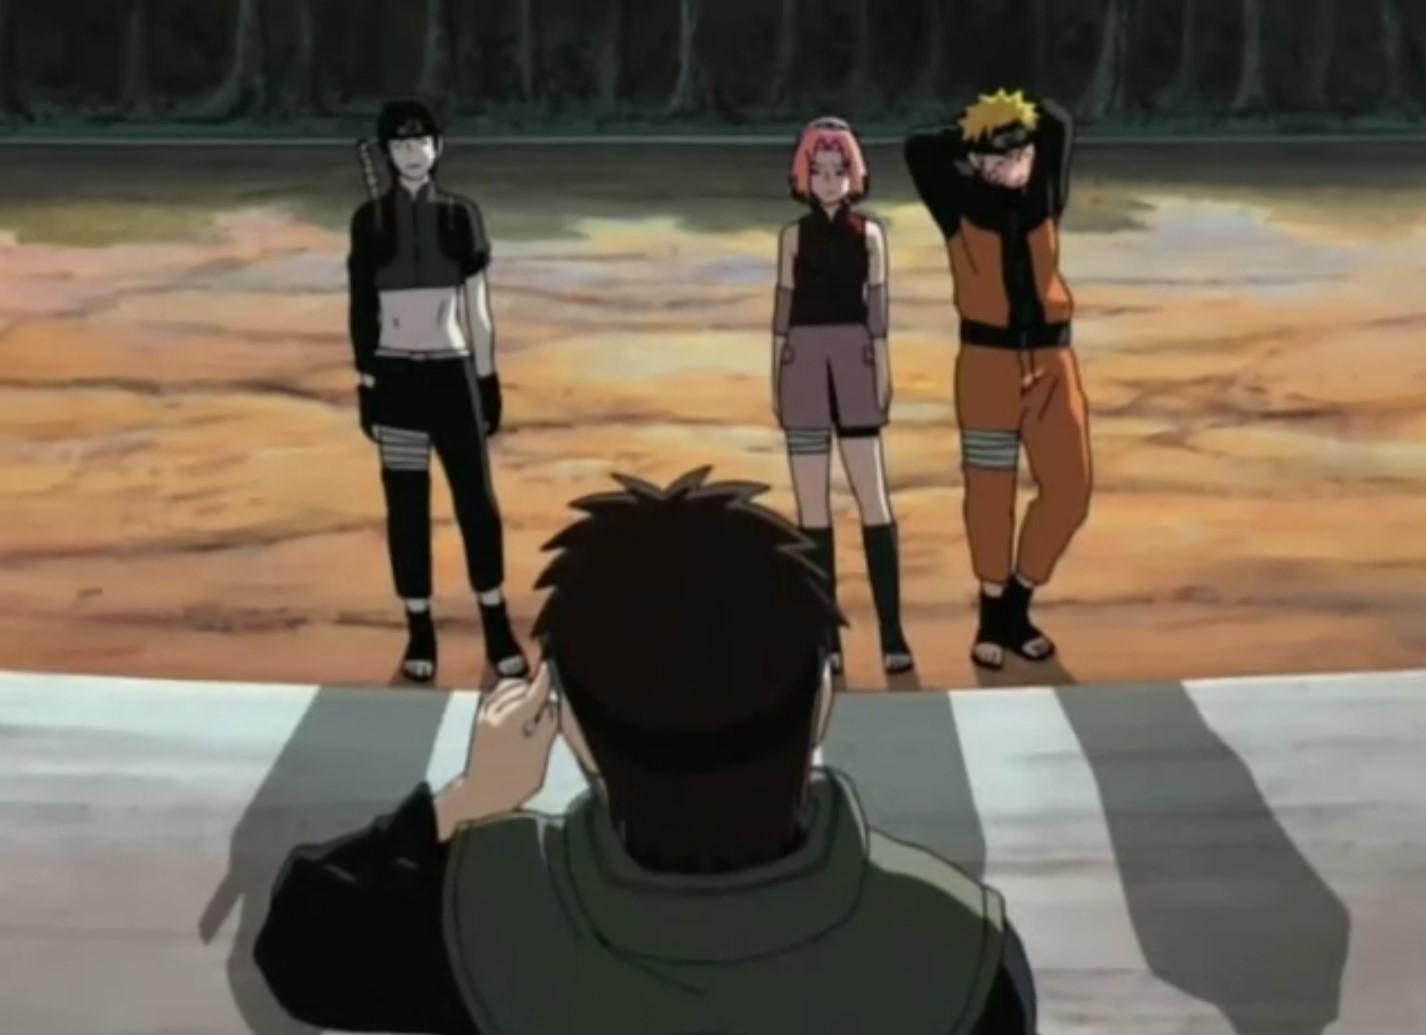 Naruto Shippuden Episódio 35, Assistir Naruto Shippuden Episódio 35, Assistir Naruto Shippuden Todos os Episódios Legendado, Naruto Shippuden episódio 35,HD